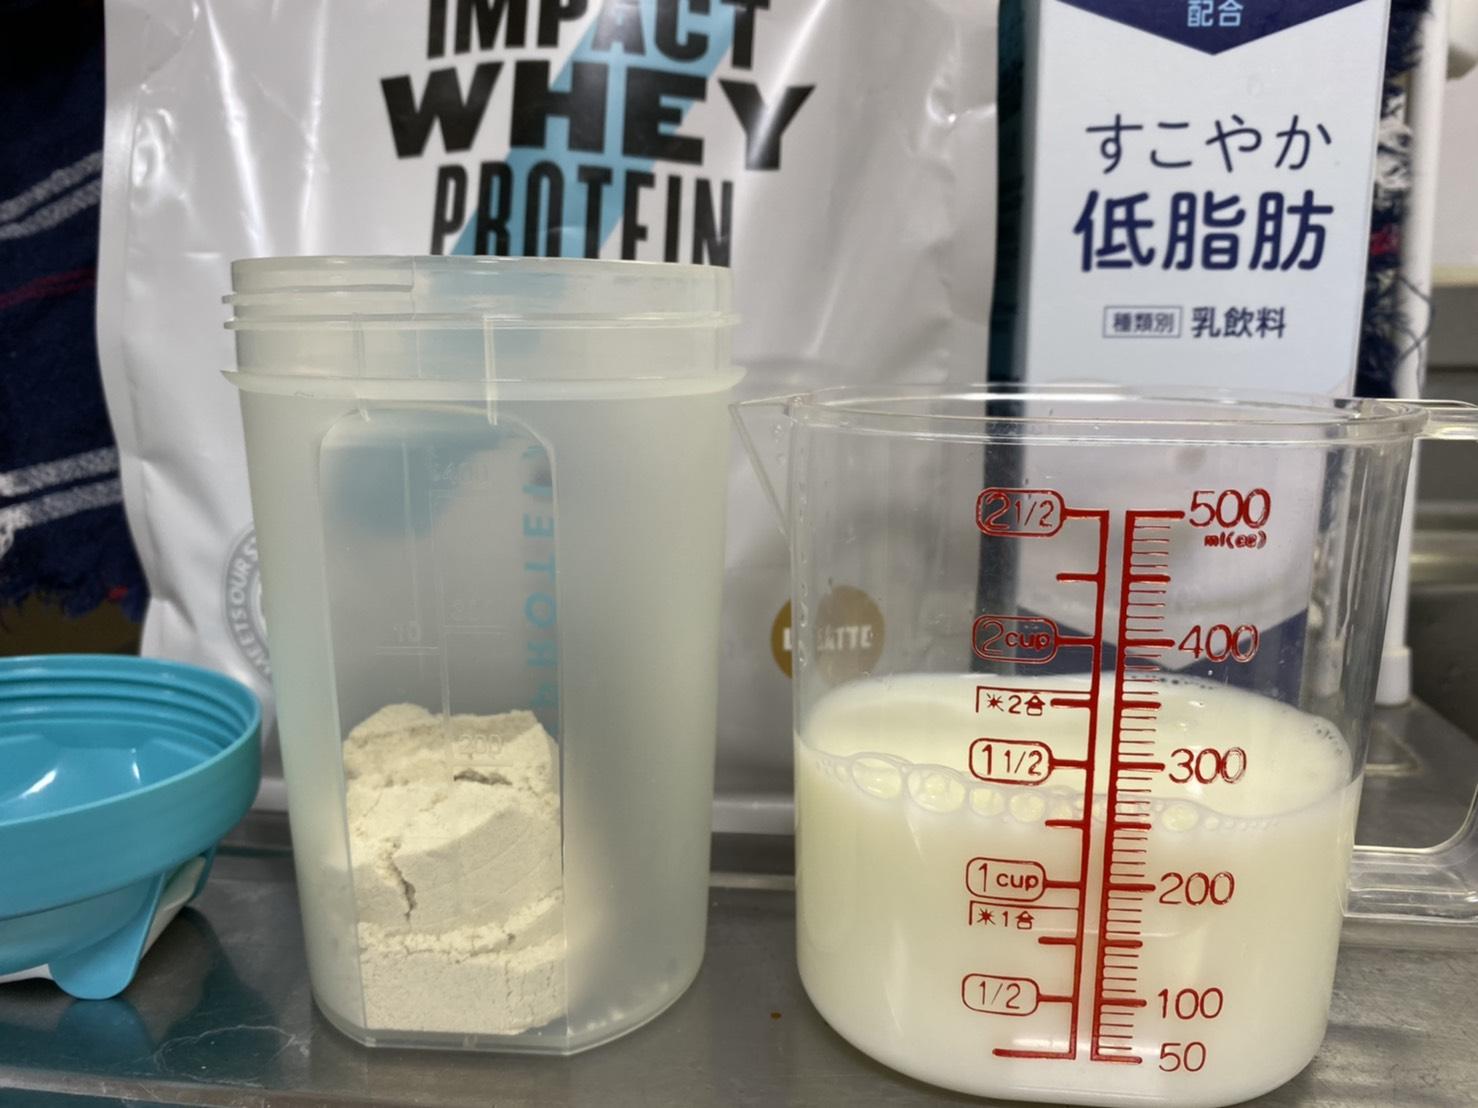 Impactホエイプロテイン:ラテ味を低脂肪牛乳で割ったレビュー